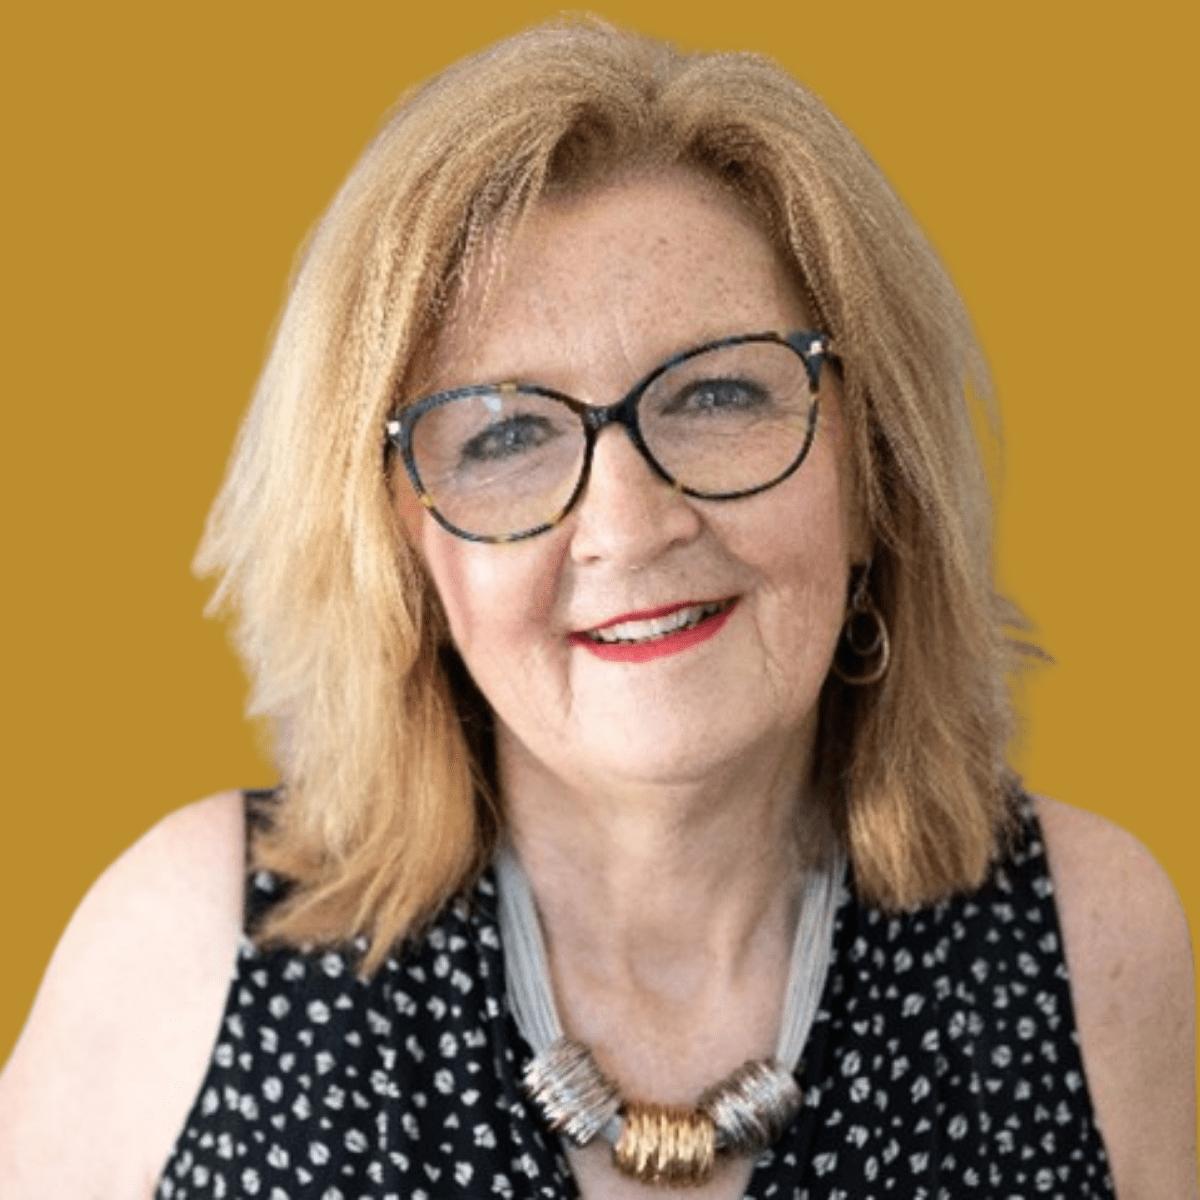 Debbie Greenwood